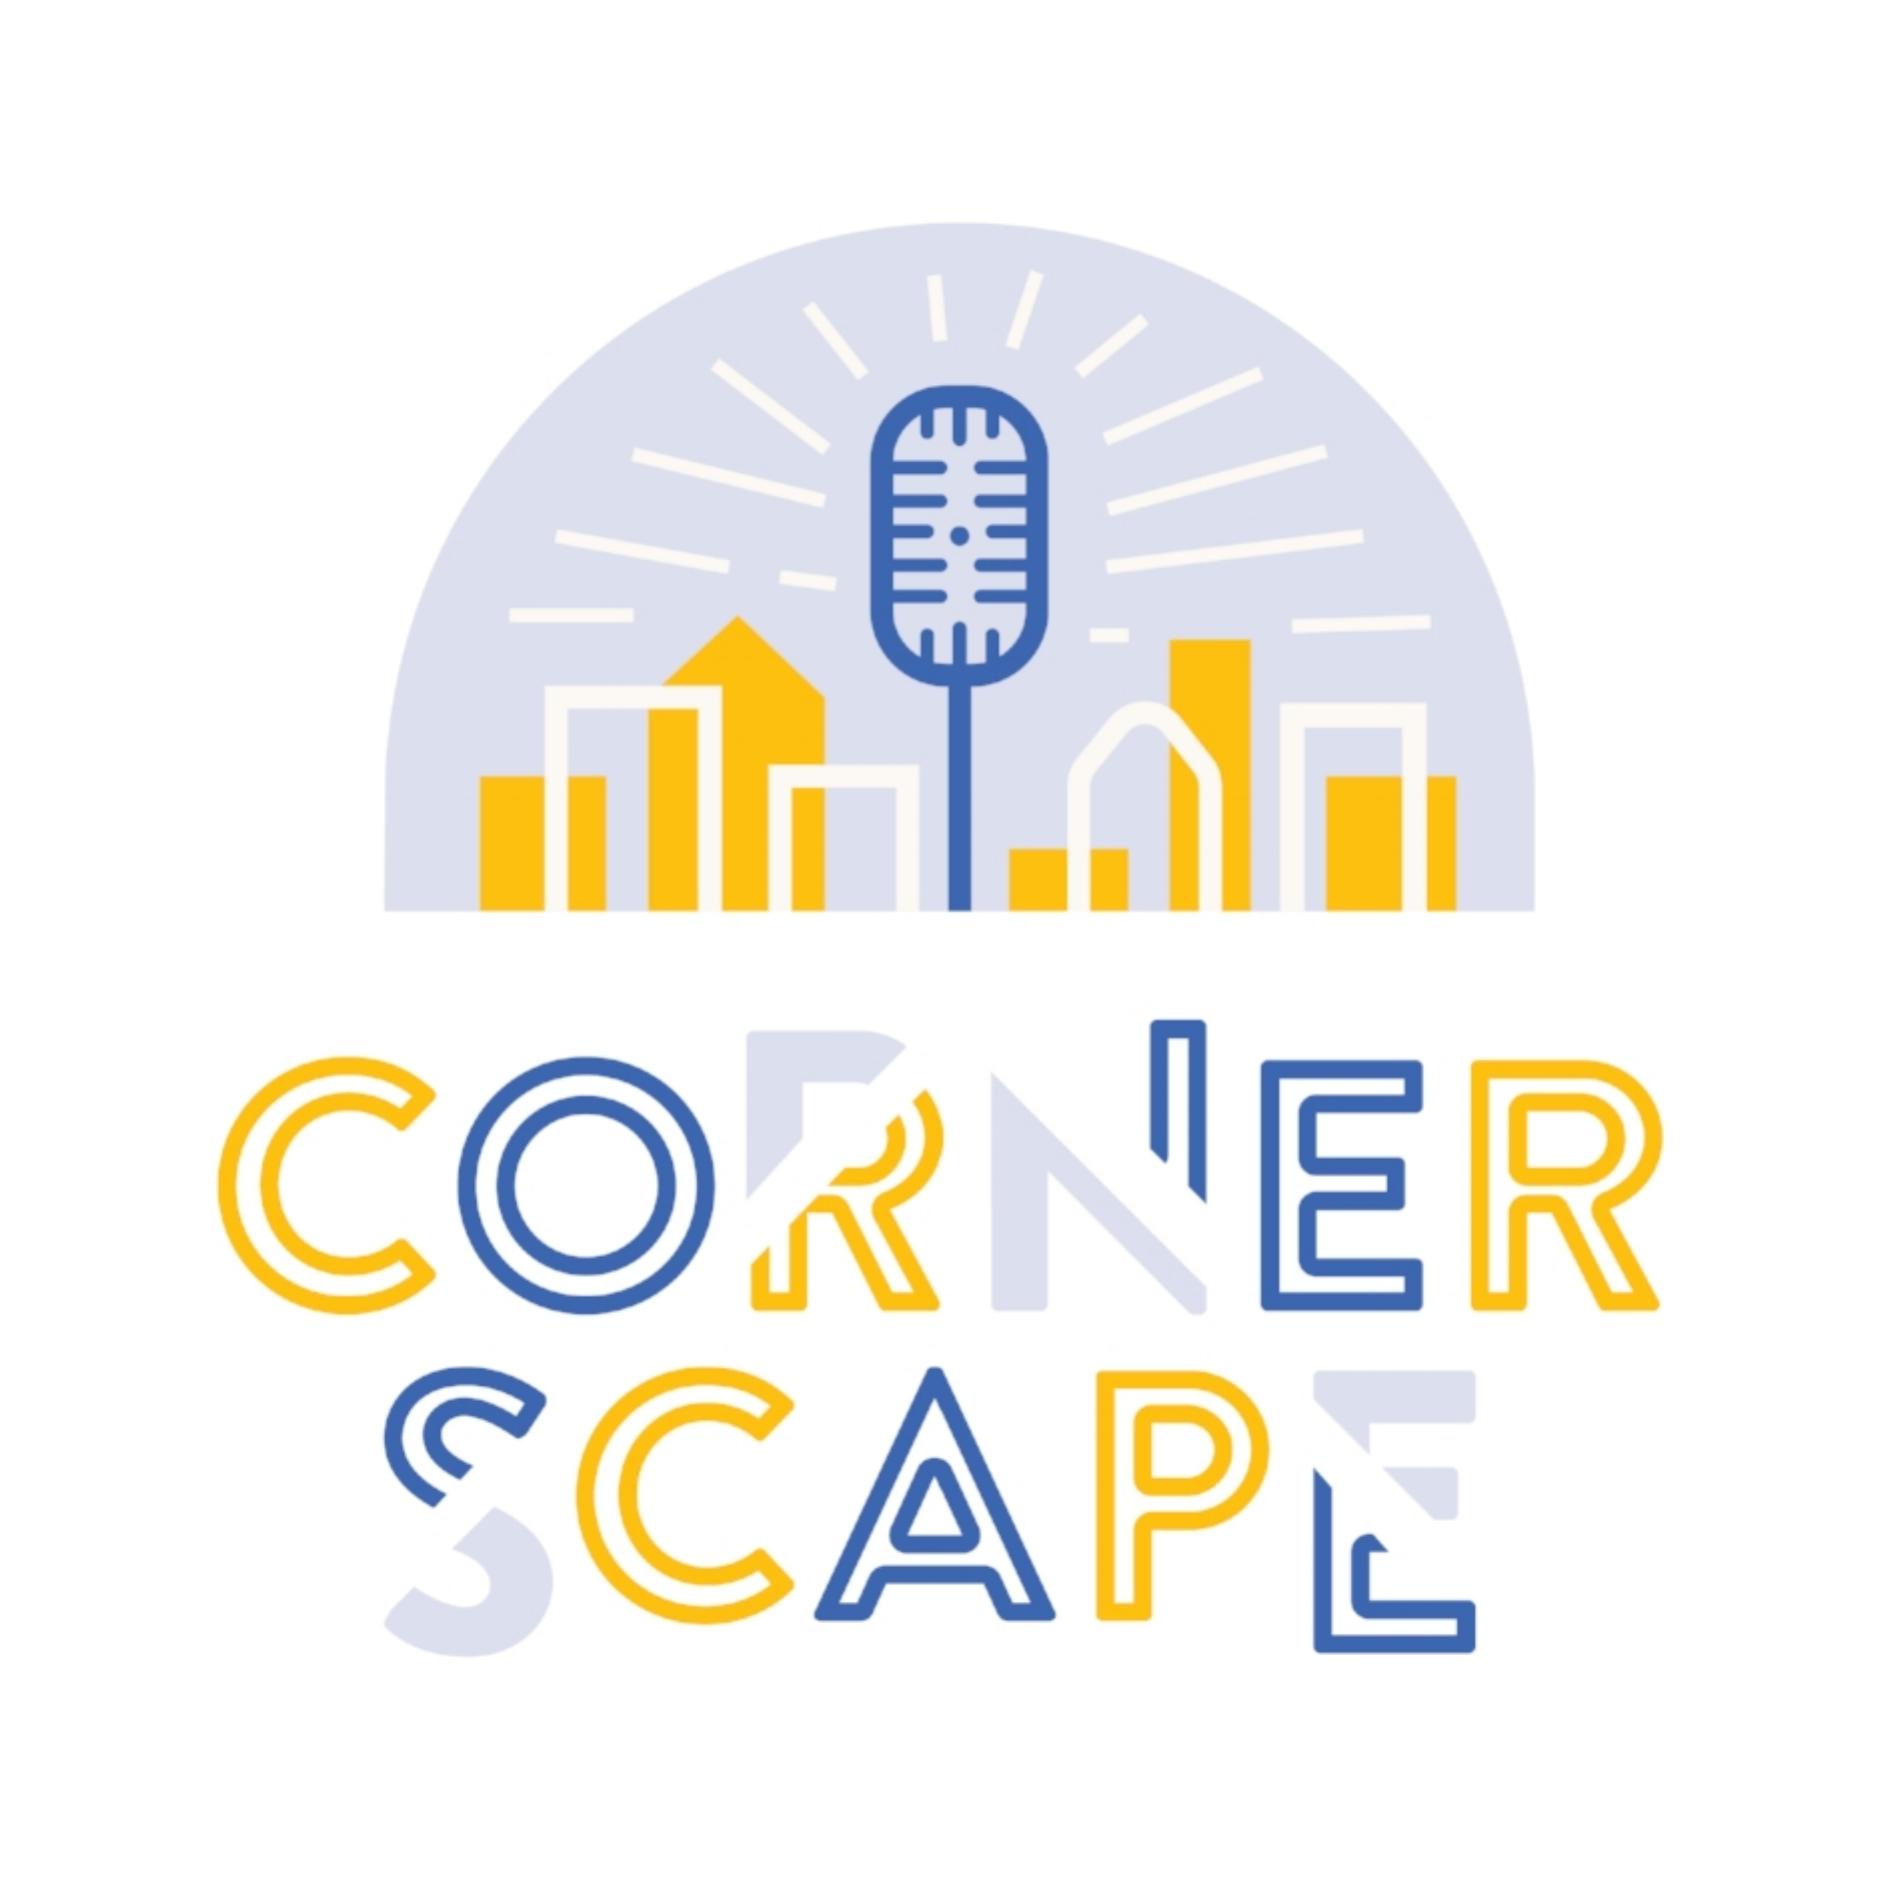 Cornerscape got a logo!